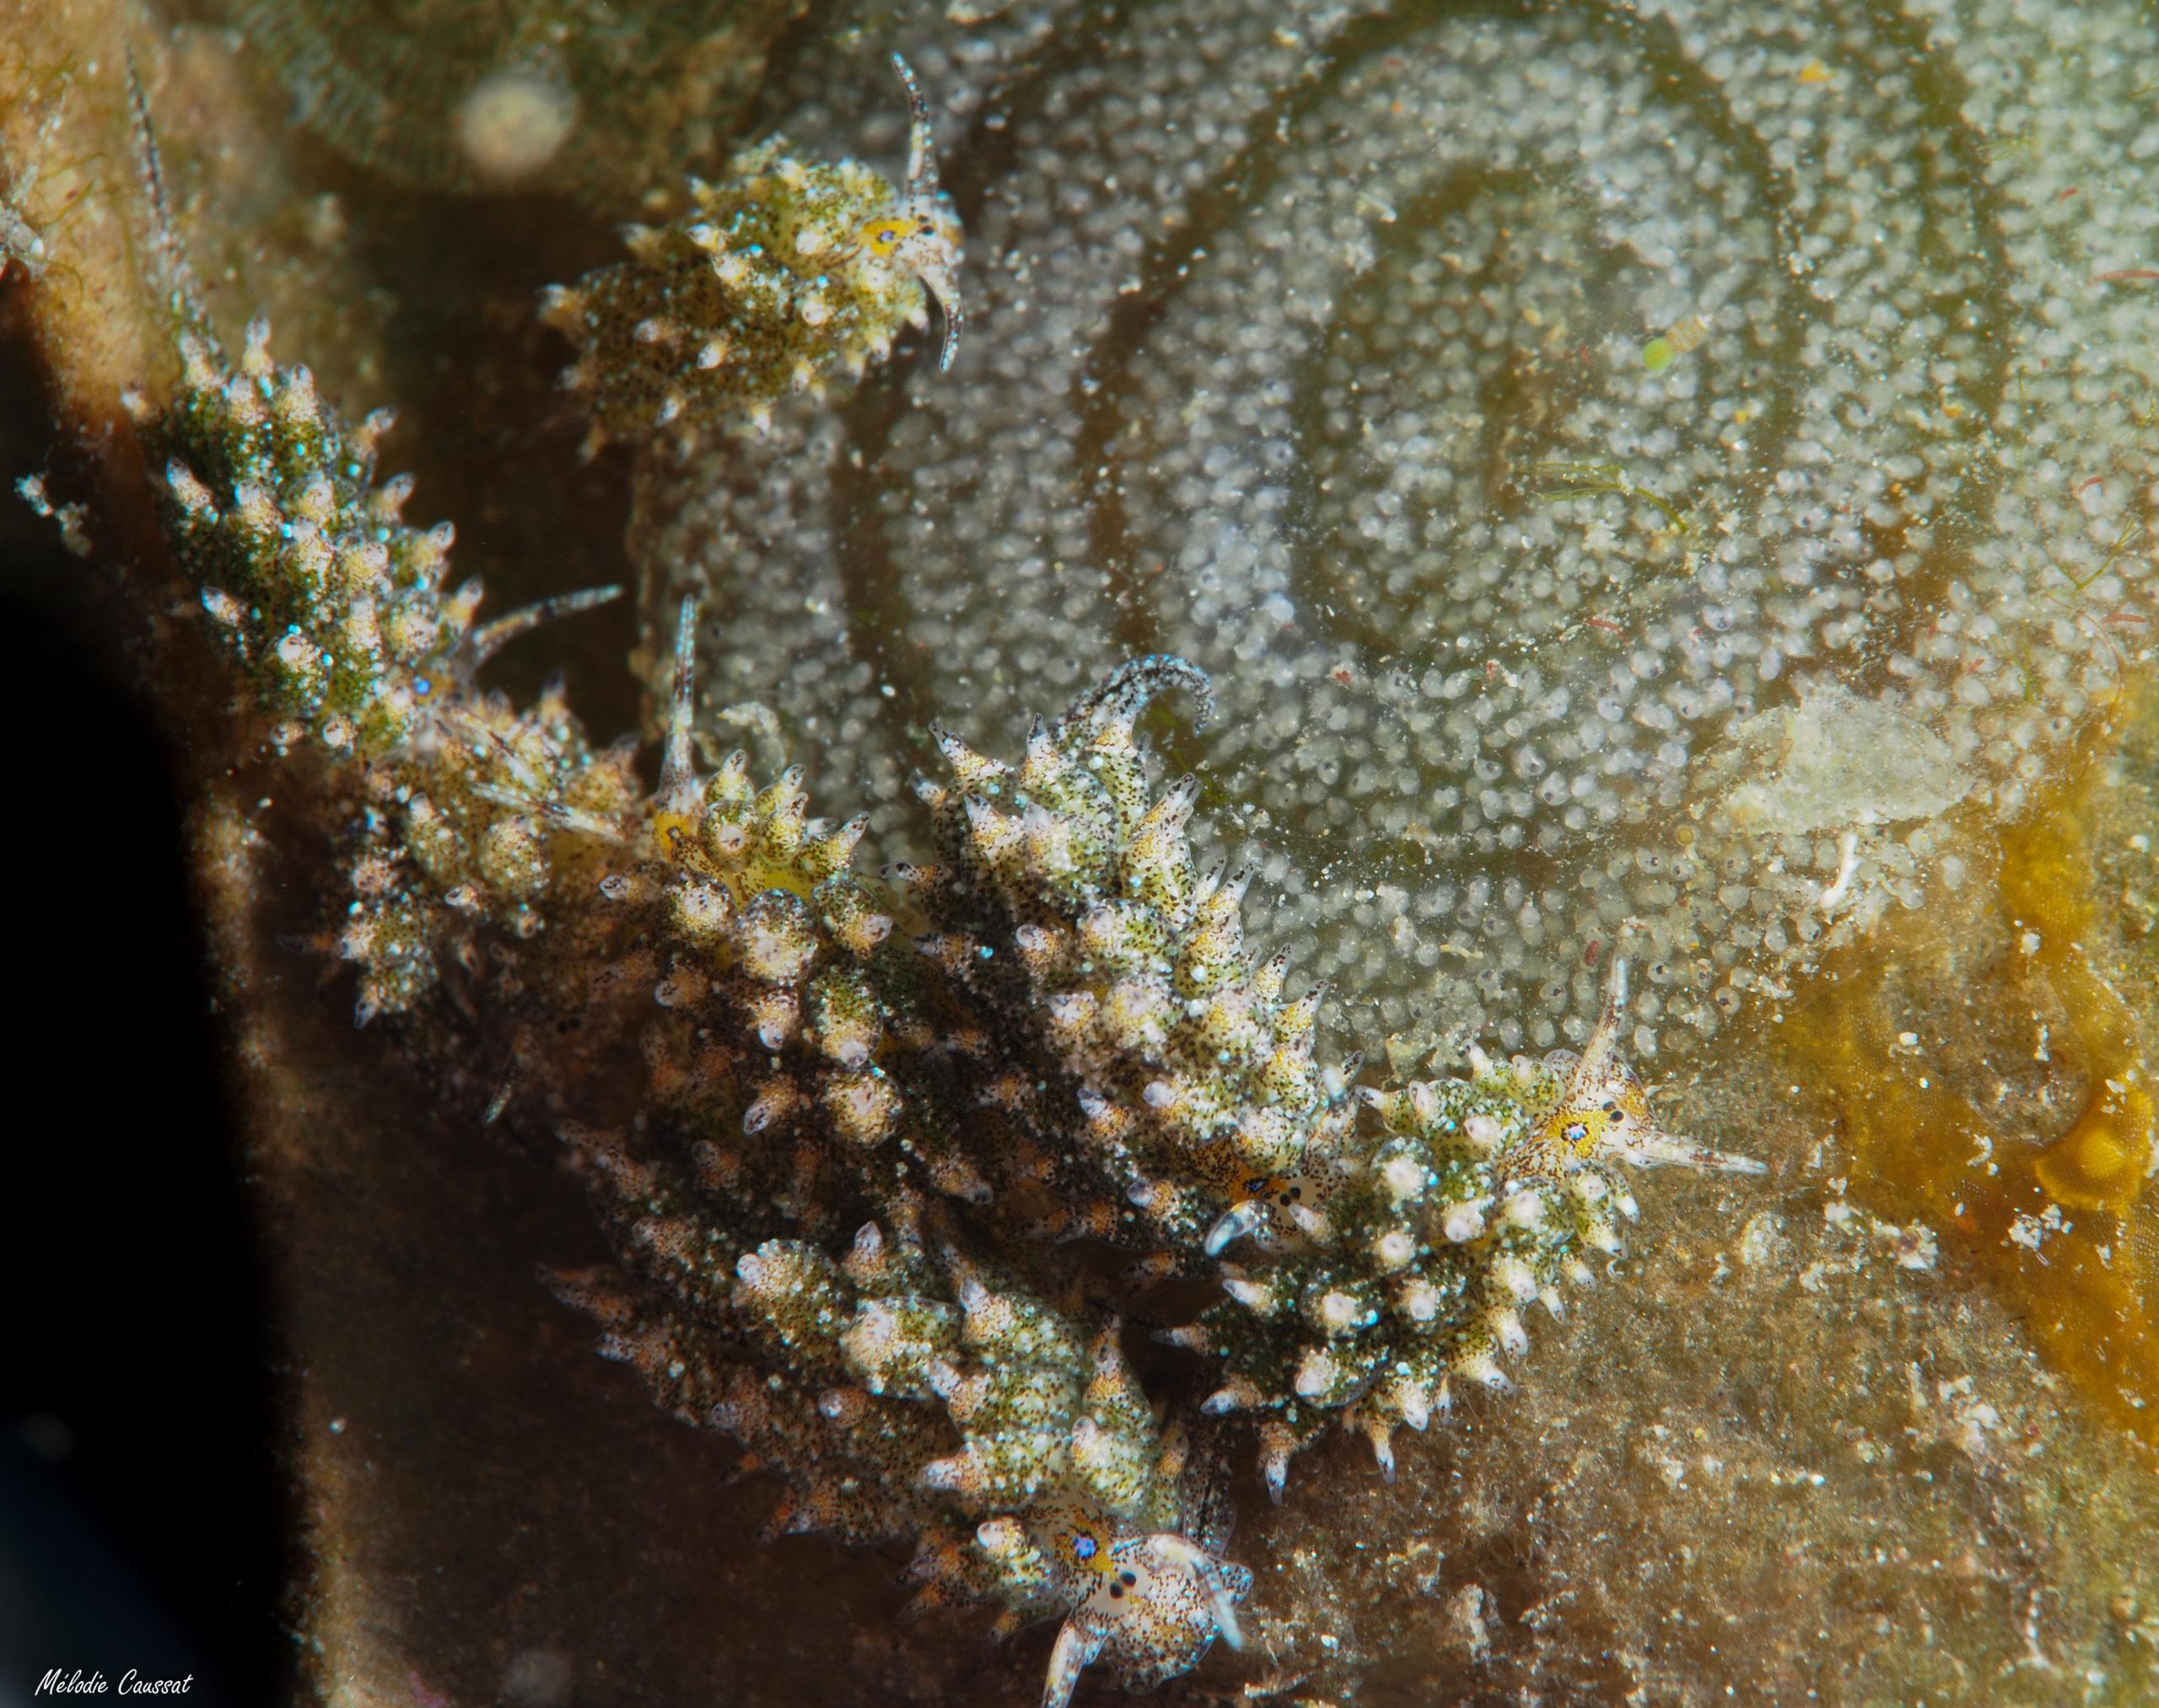 Costasiella ocellifera